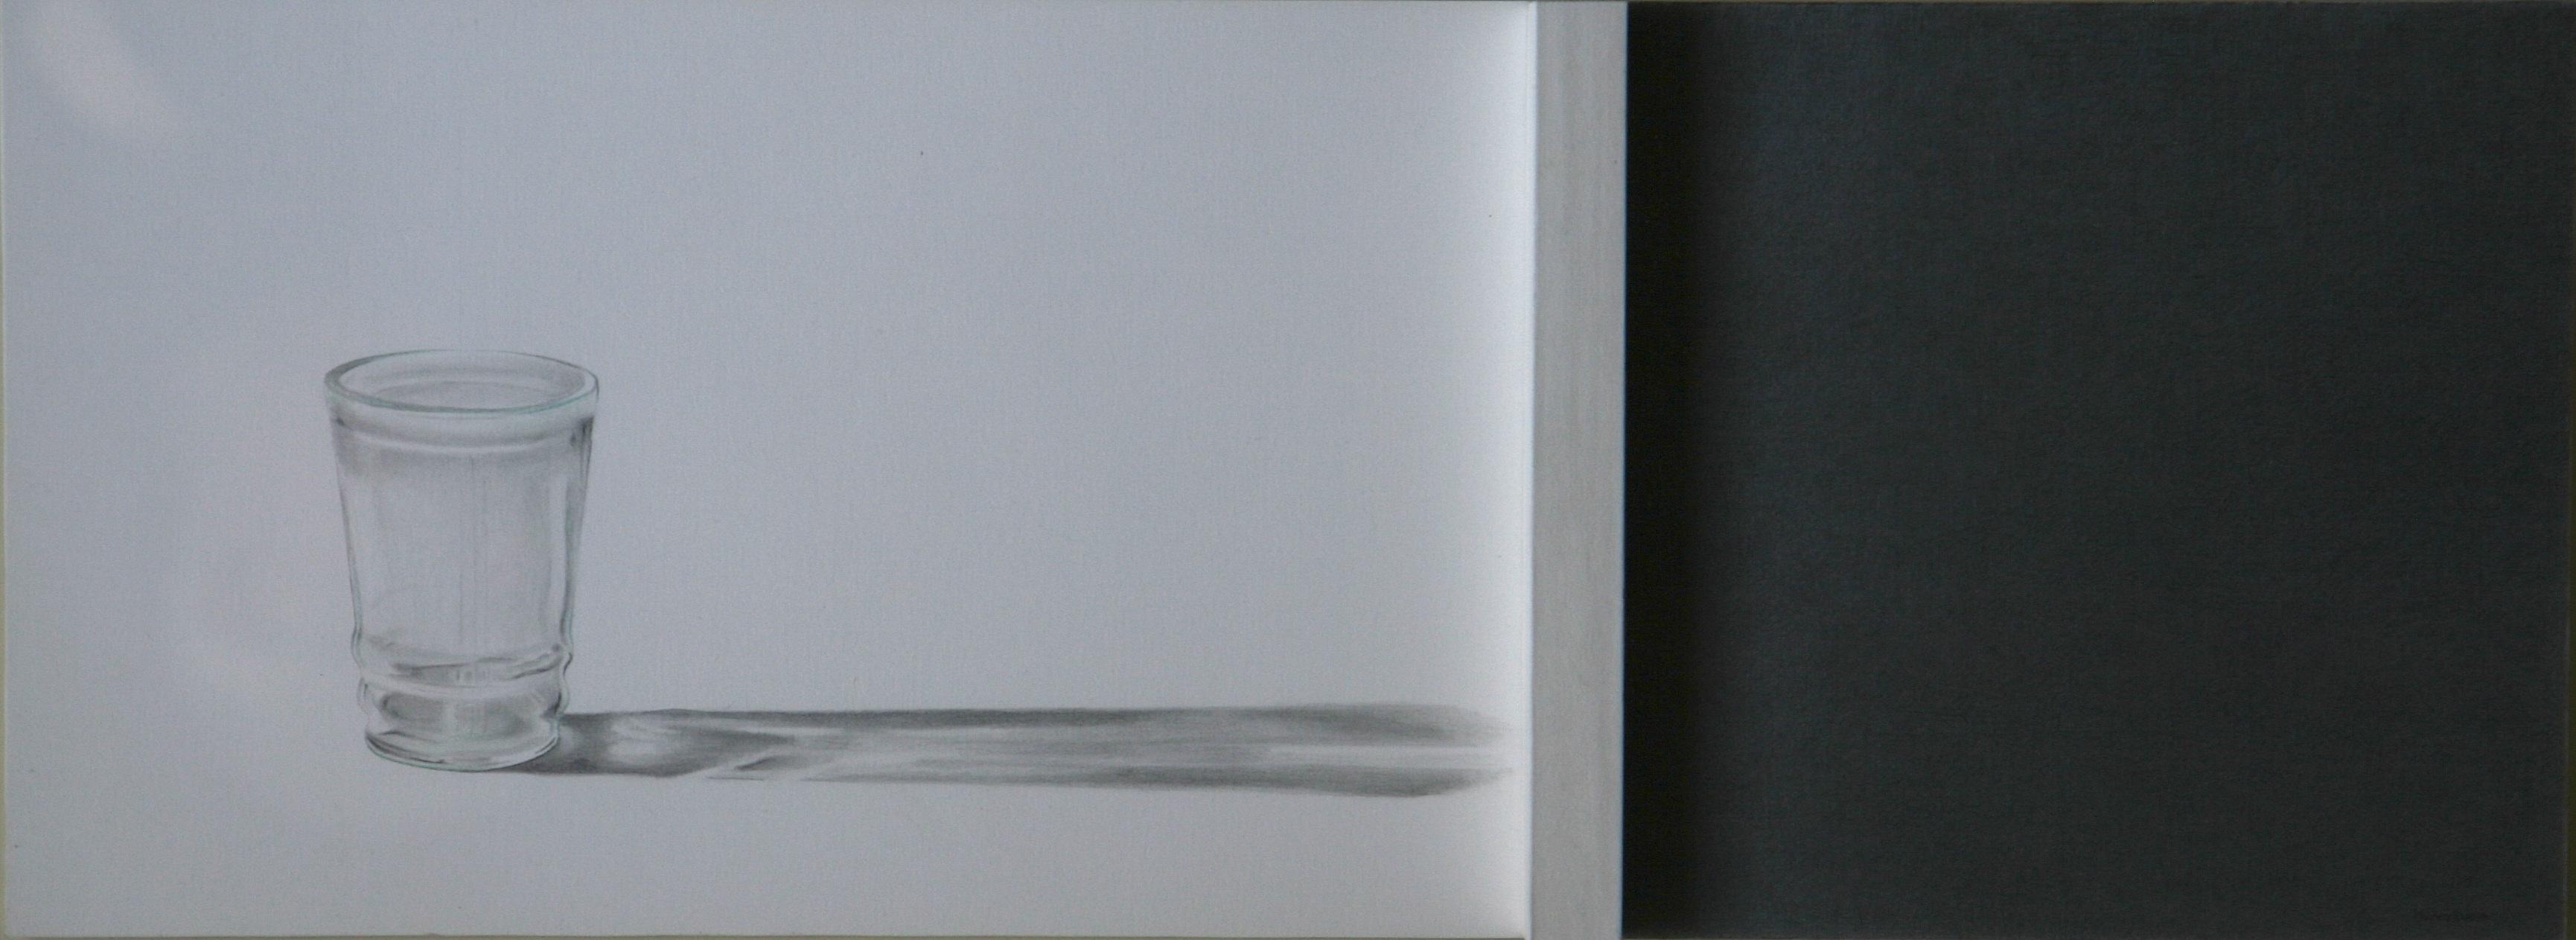 Composición con vaso (2011) - Angel Luis Muñoz Durán